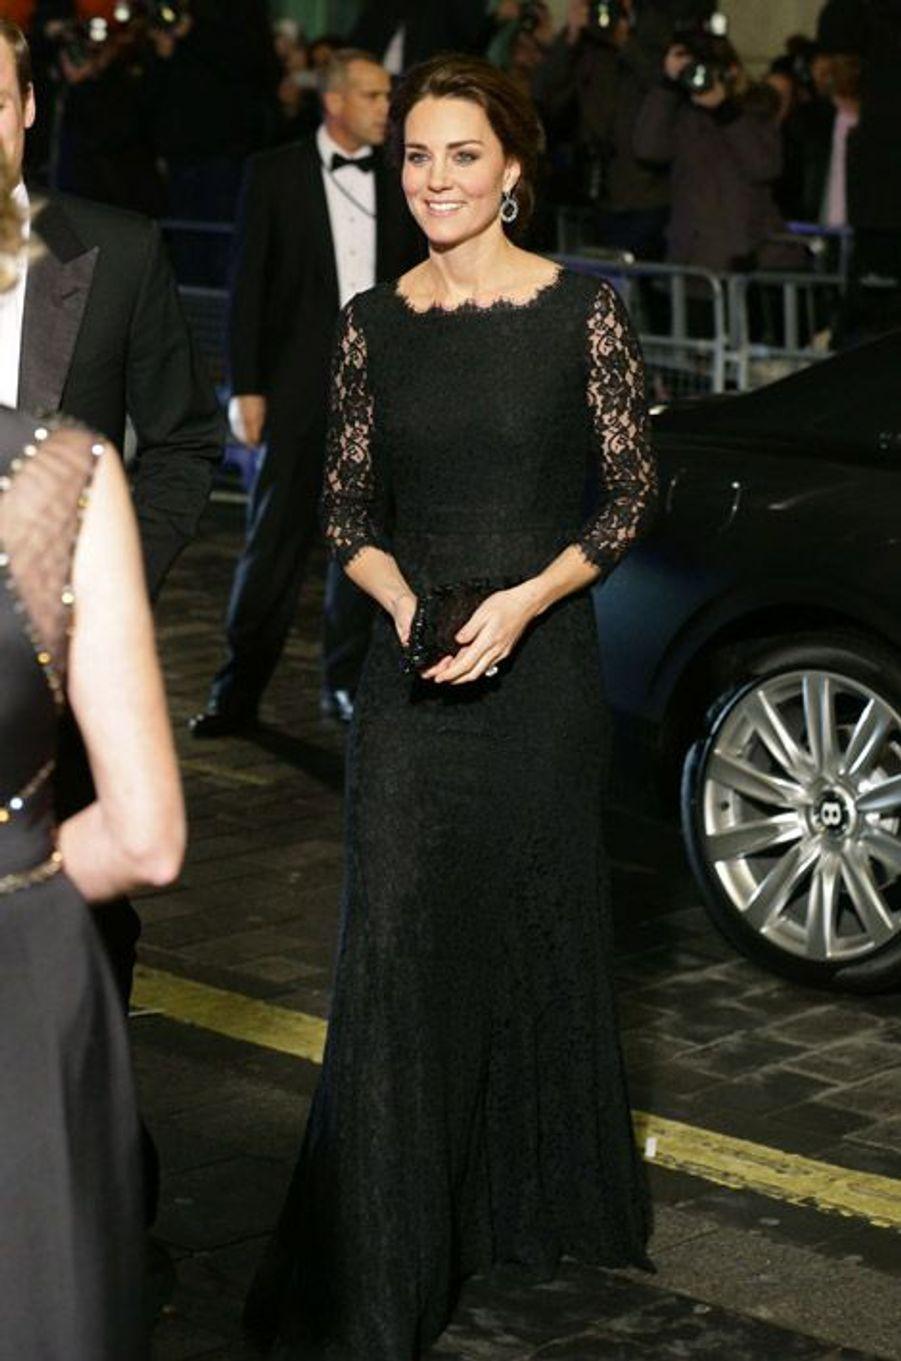 Kate Middleton à la soirée Royal Variety Performance en Diane Von Fürstenberg, le 13 novembre 2014 à Londres